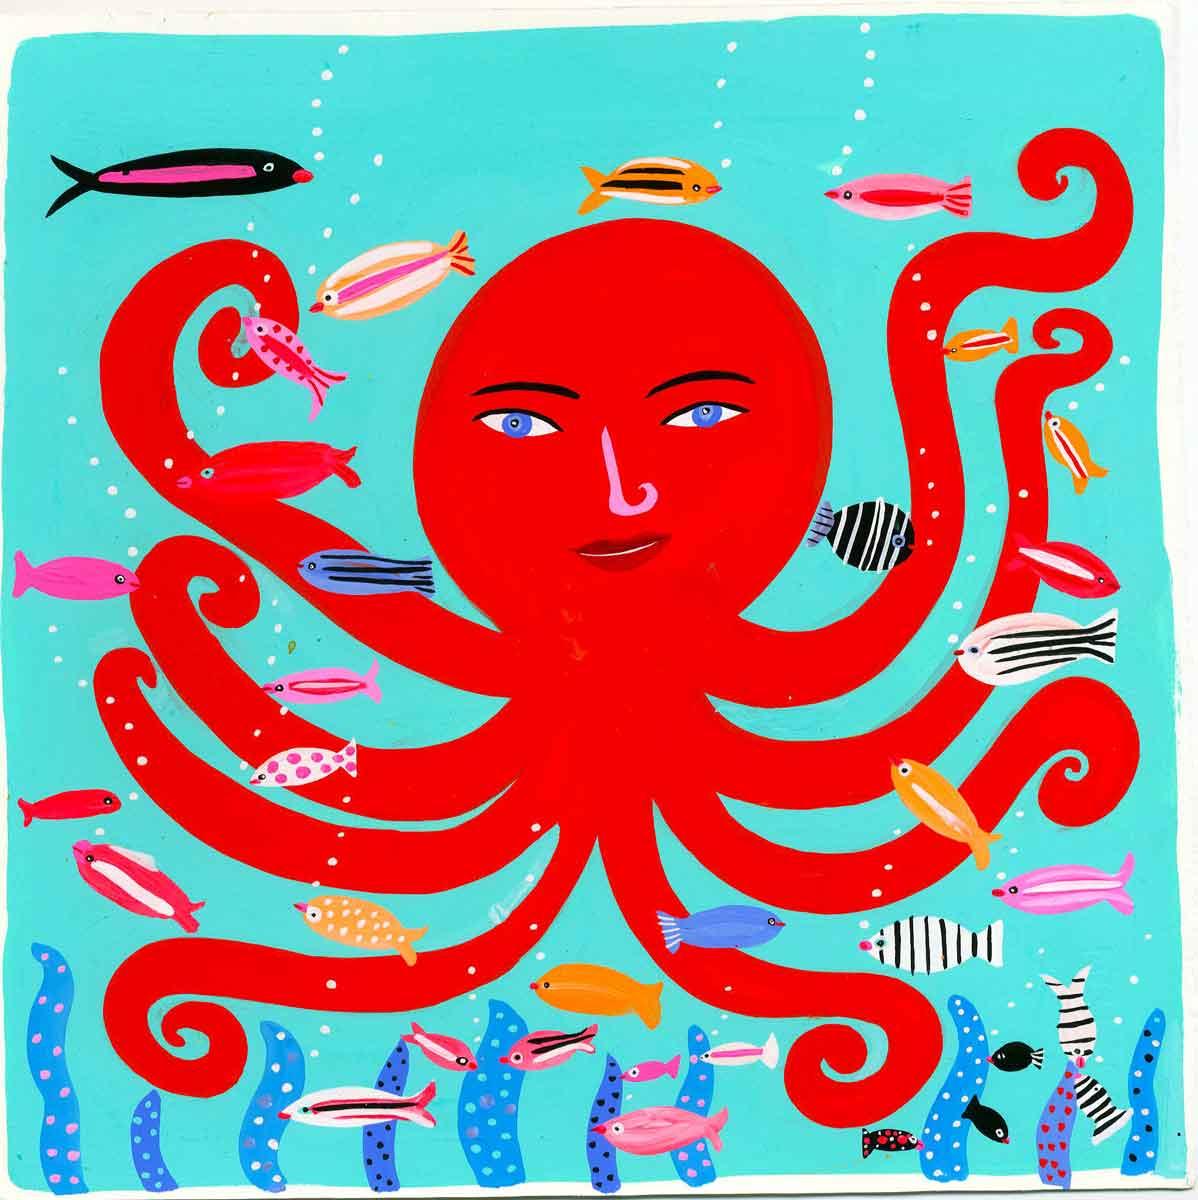 Illustration-Red-Octopus